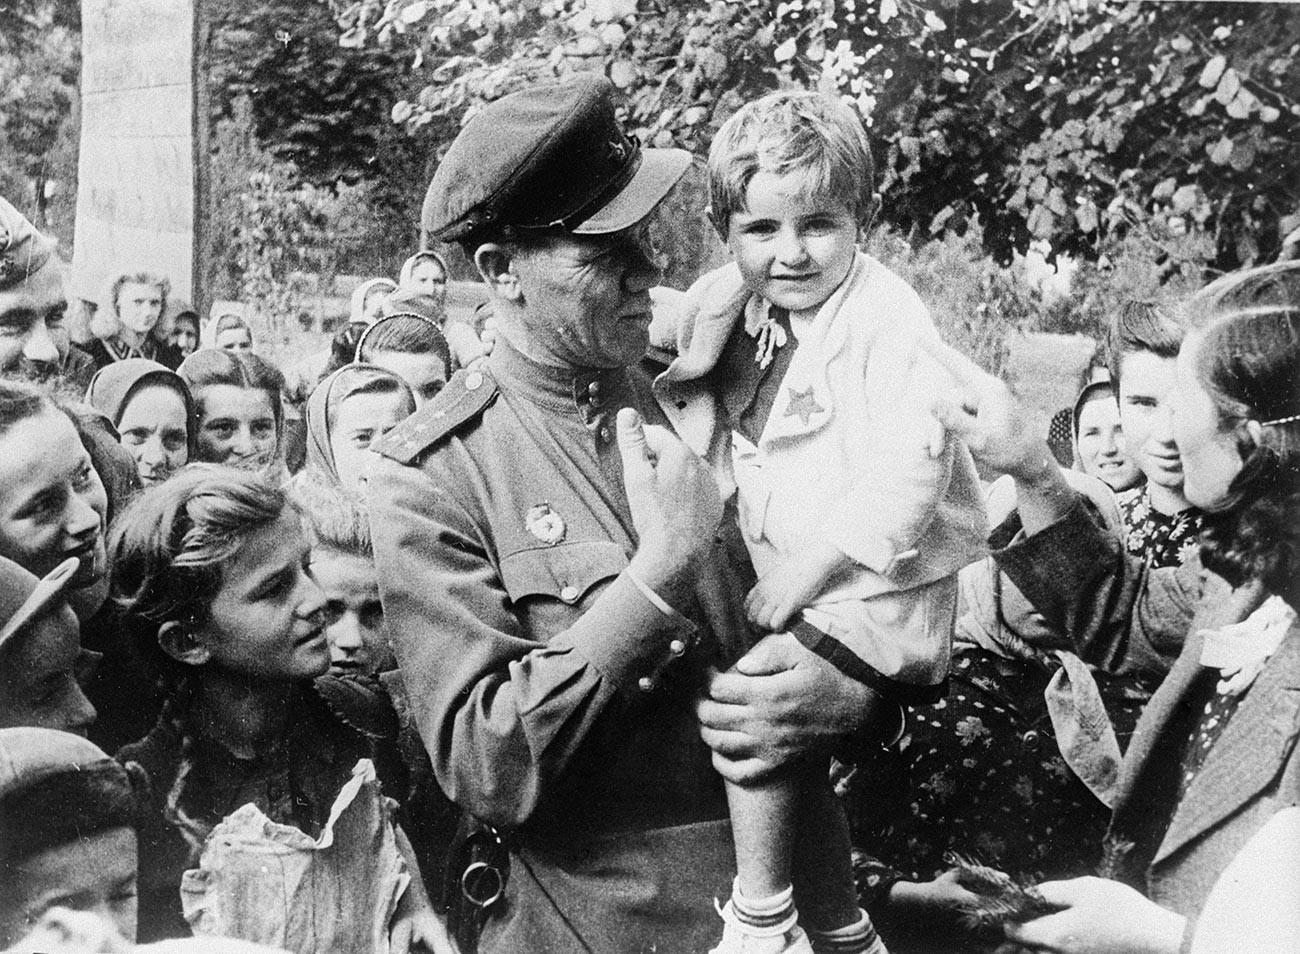 Kapitän der Roten Armee Sergei Iwanow mit einem Kind im befreiten jugoslawischen Dorf Omoljica im Oktober 1944.